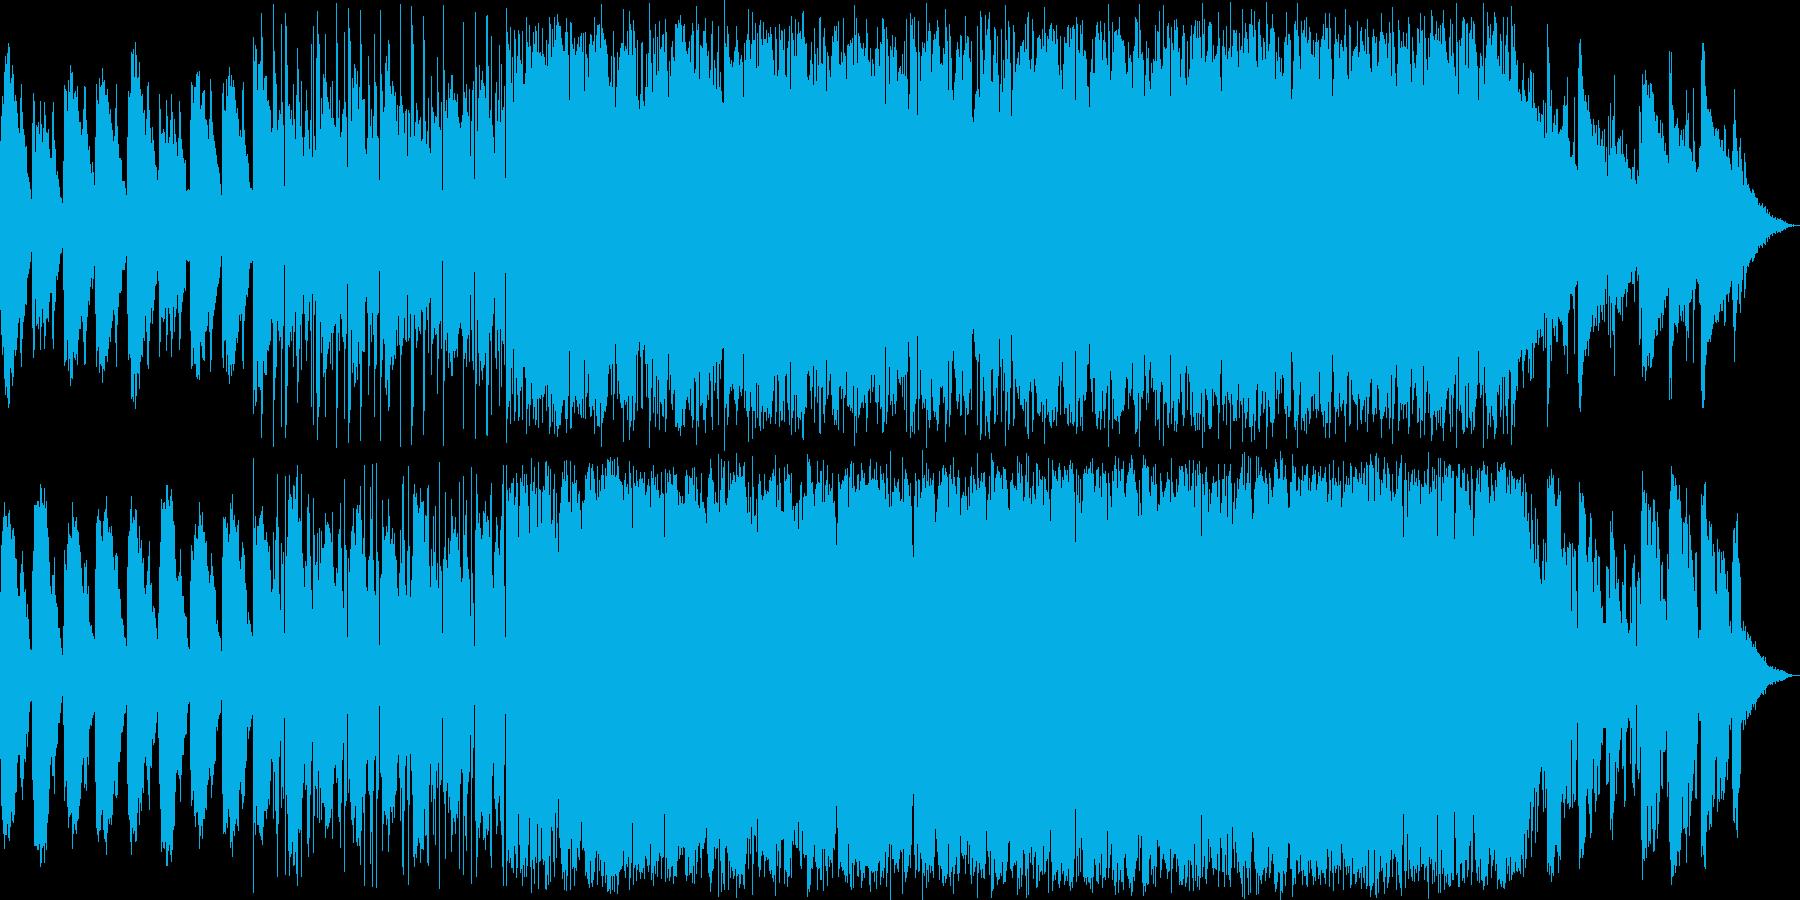 サウンドノベルをイメージする暗い曲の再生済みの波形